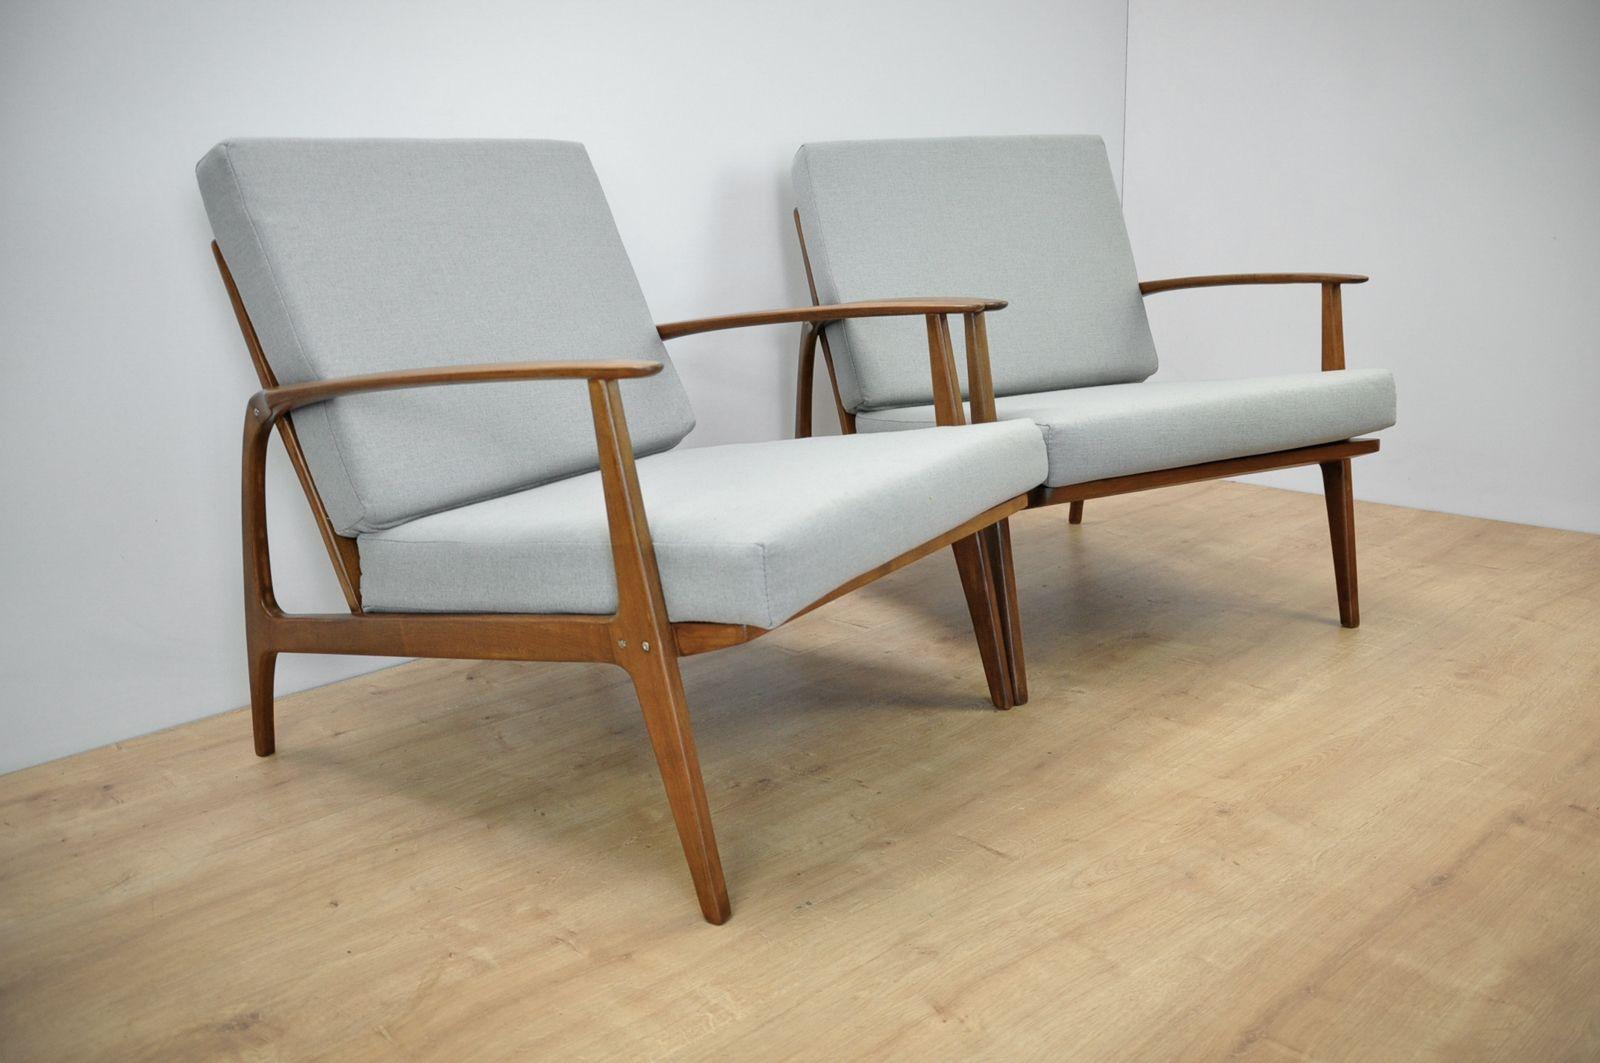 set-of-2-vintage-scandinavian-armchairs3